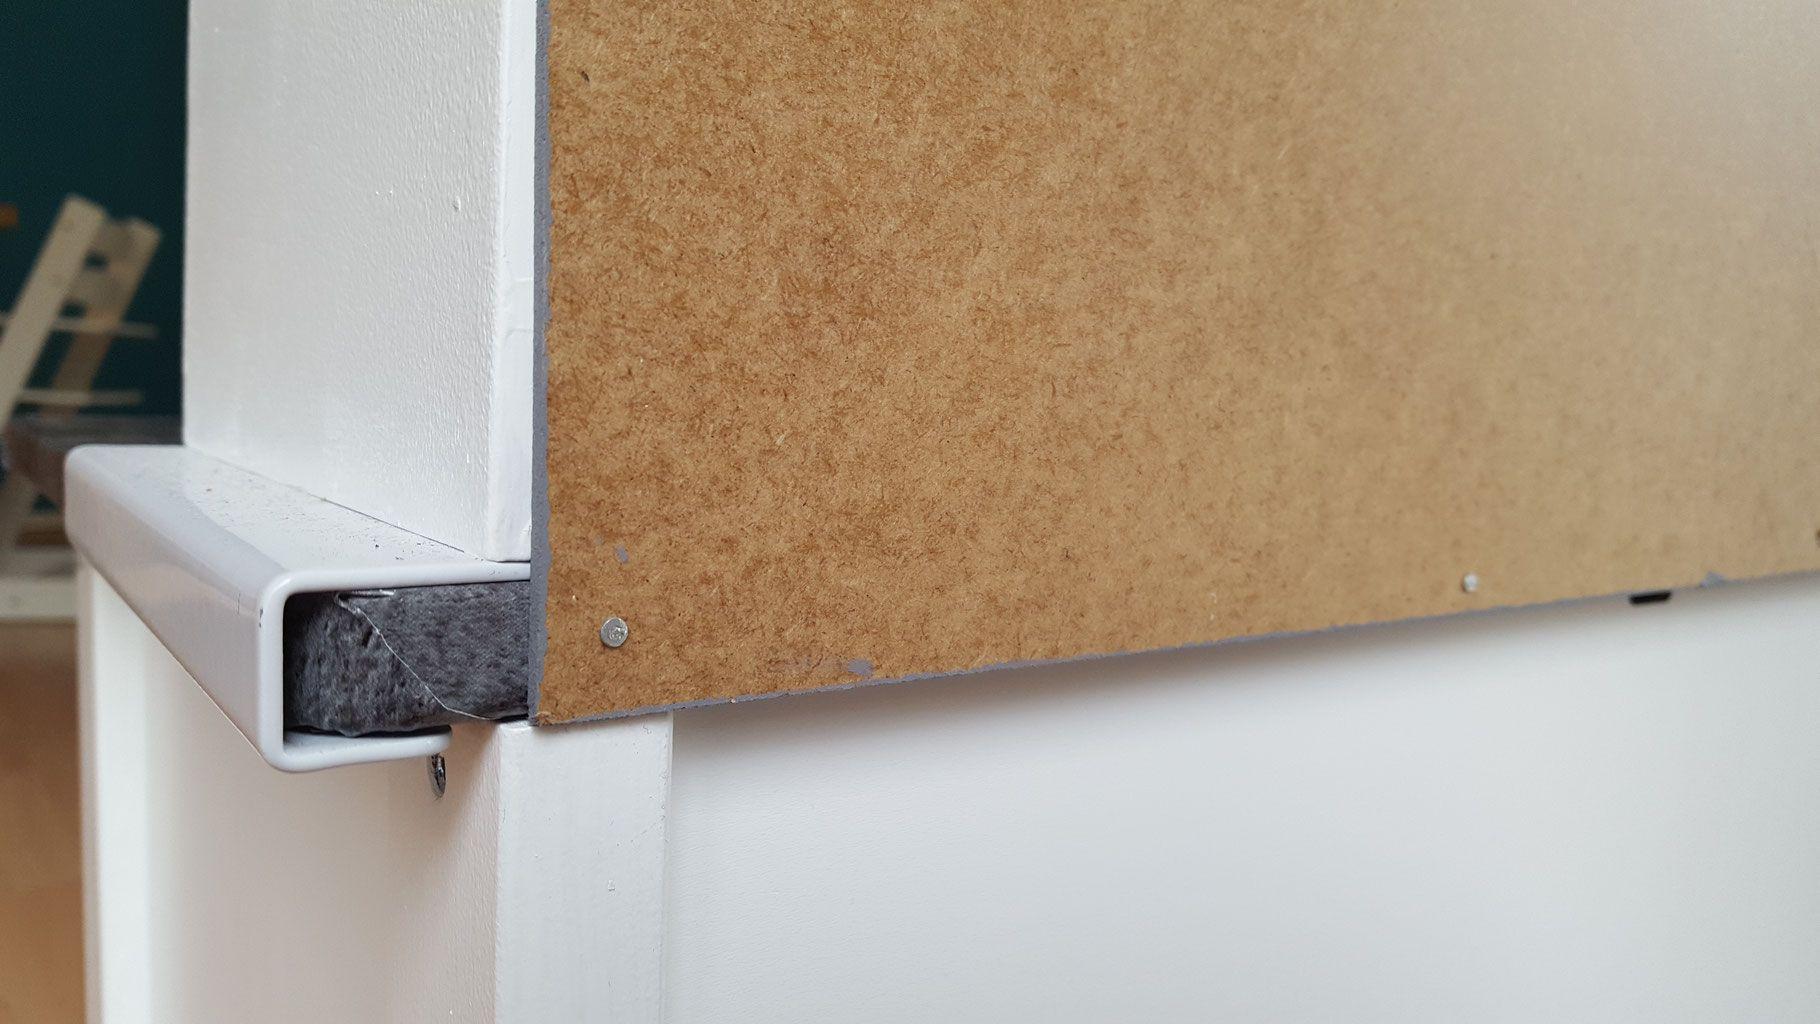 Full Size of Diy Mit Bildern Ikea Duktig Tapeten Für Küche Schubladeneinsatz Wasserhähne Freistehende Lieferzeit Theke Wandverkleidung Bank Kochinsel Gardine Kinder Wohnzimmer Rückwand Küche Ikea